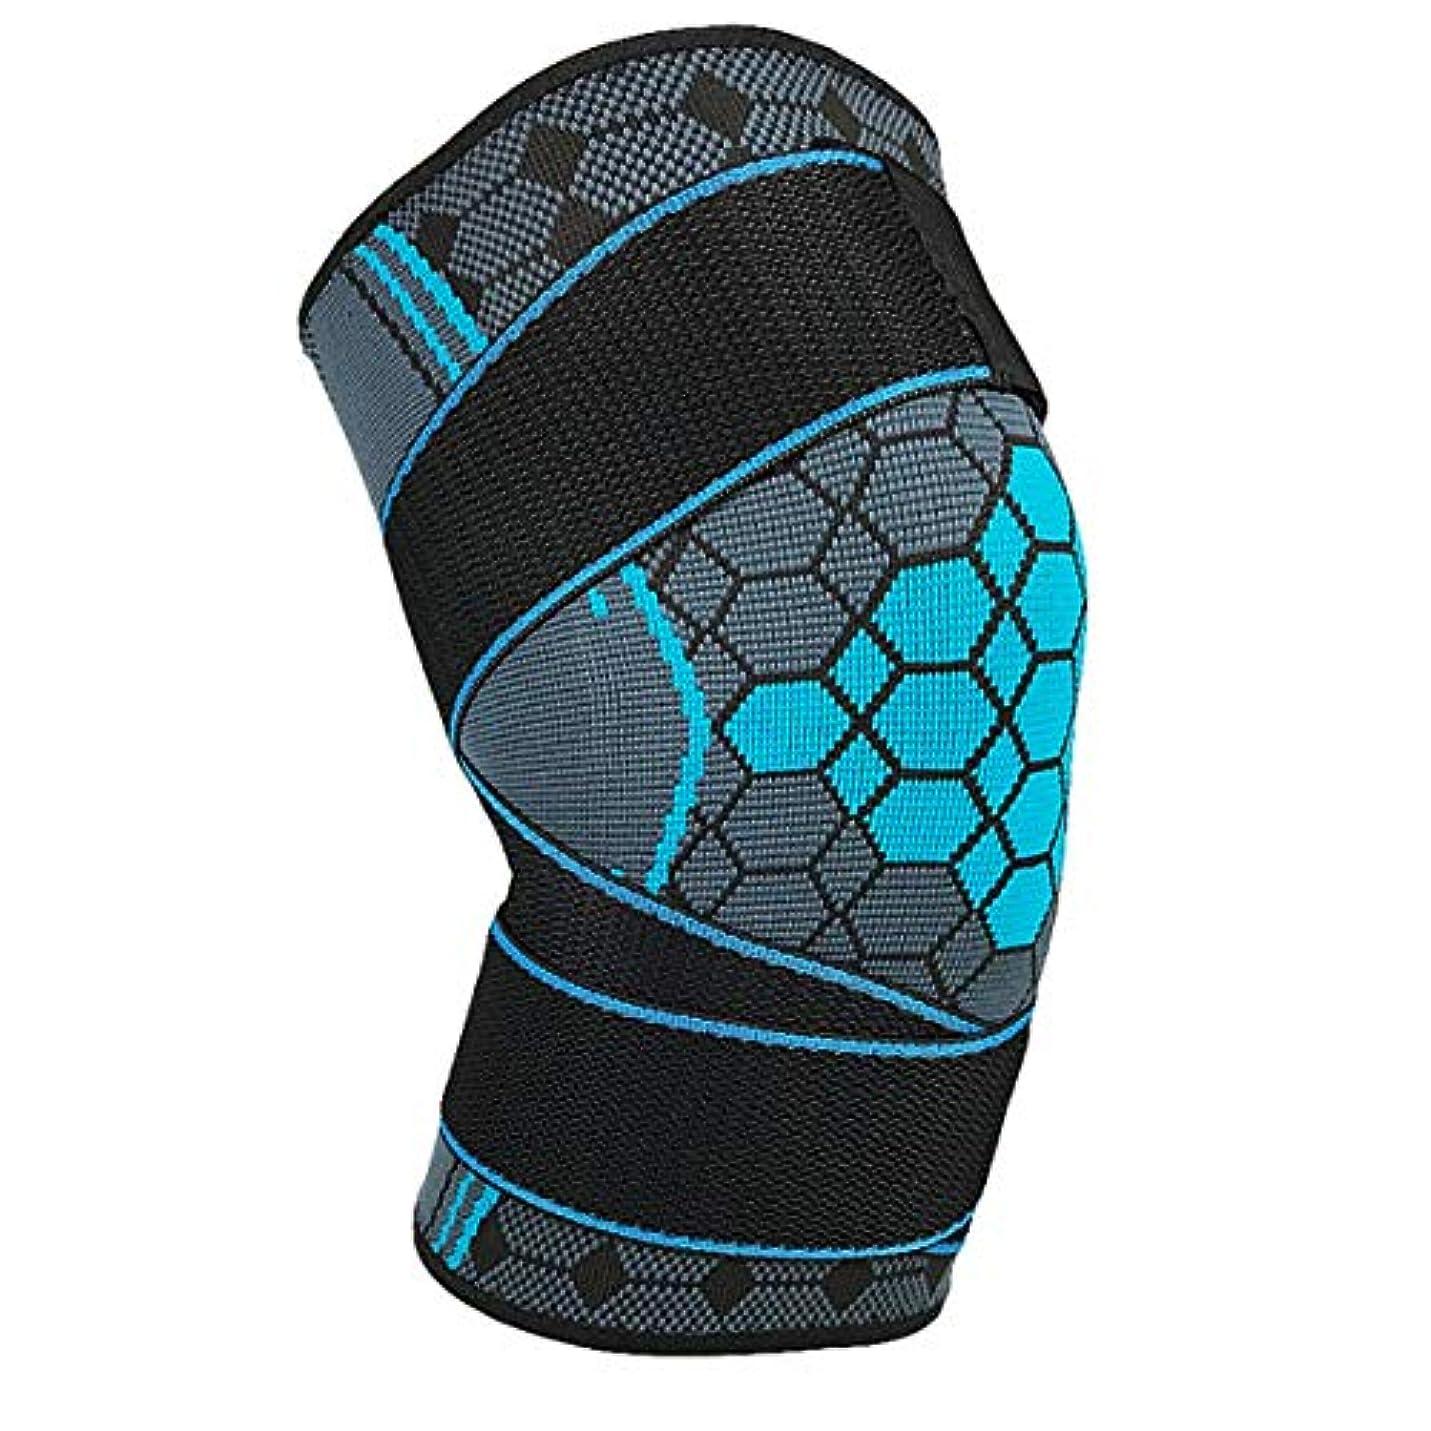 民主主義移住する快適快適な膝パッドヨガスポーツ保護パッドバレーボール落下膝サポート安全膝パッド耐久性膝ブレース-ブルーL